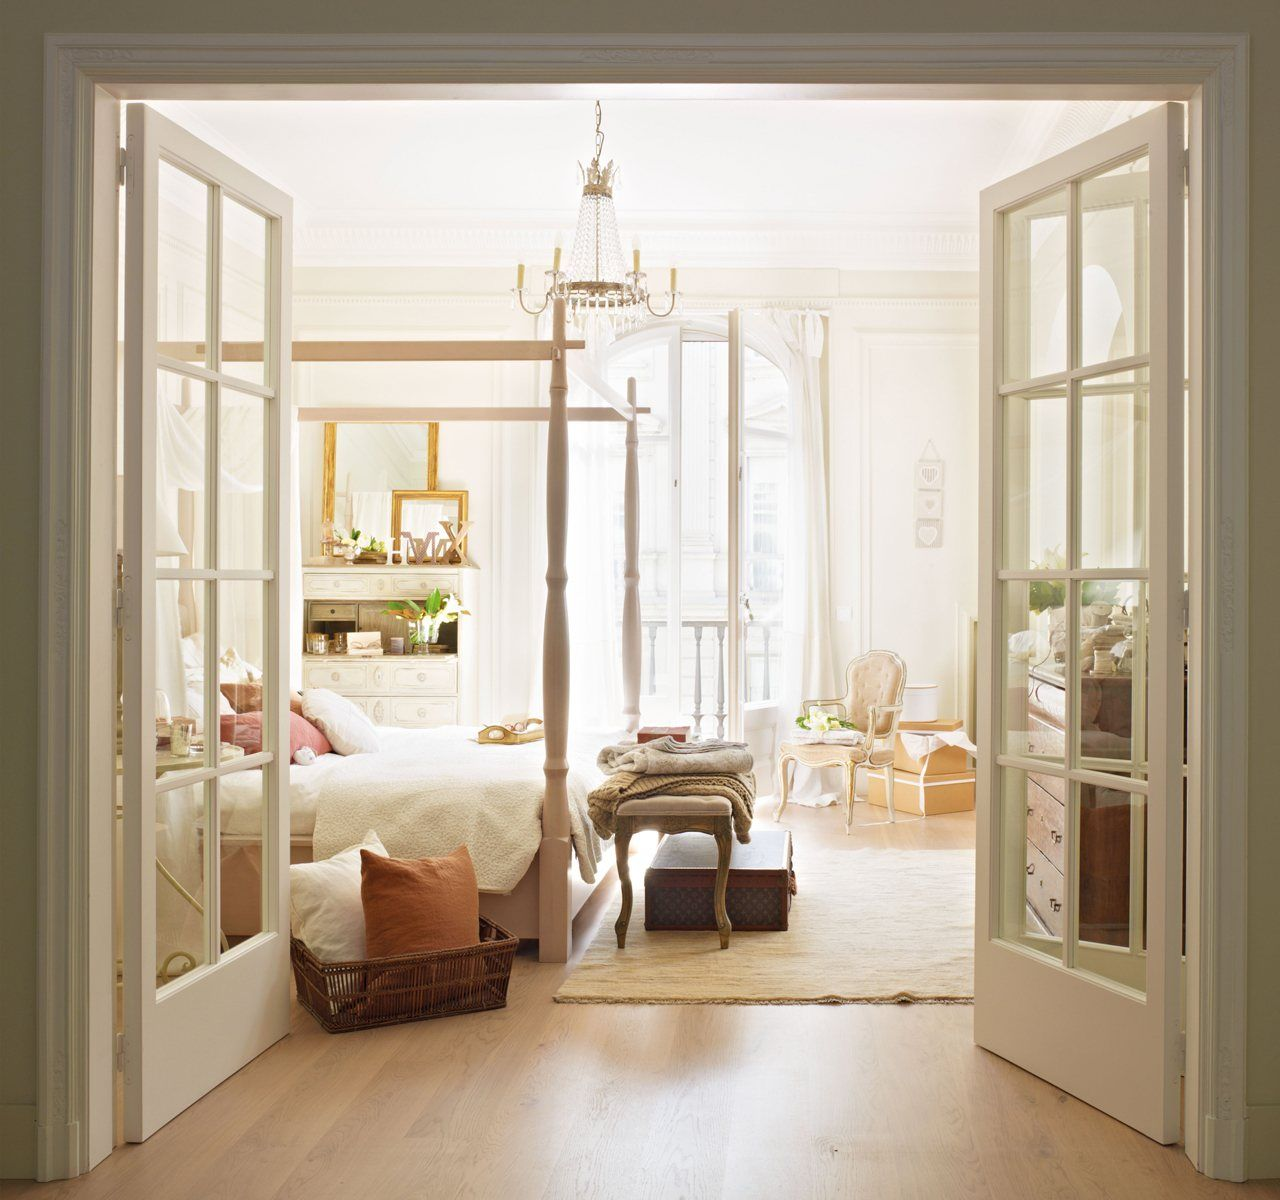 dormitorio revista el mueble home sweet home pinterest